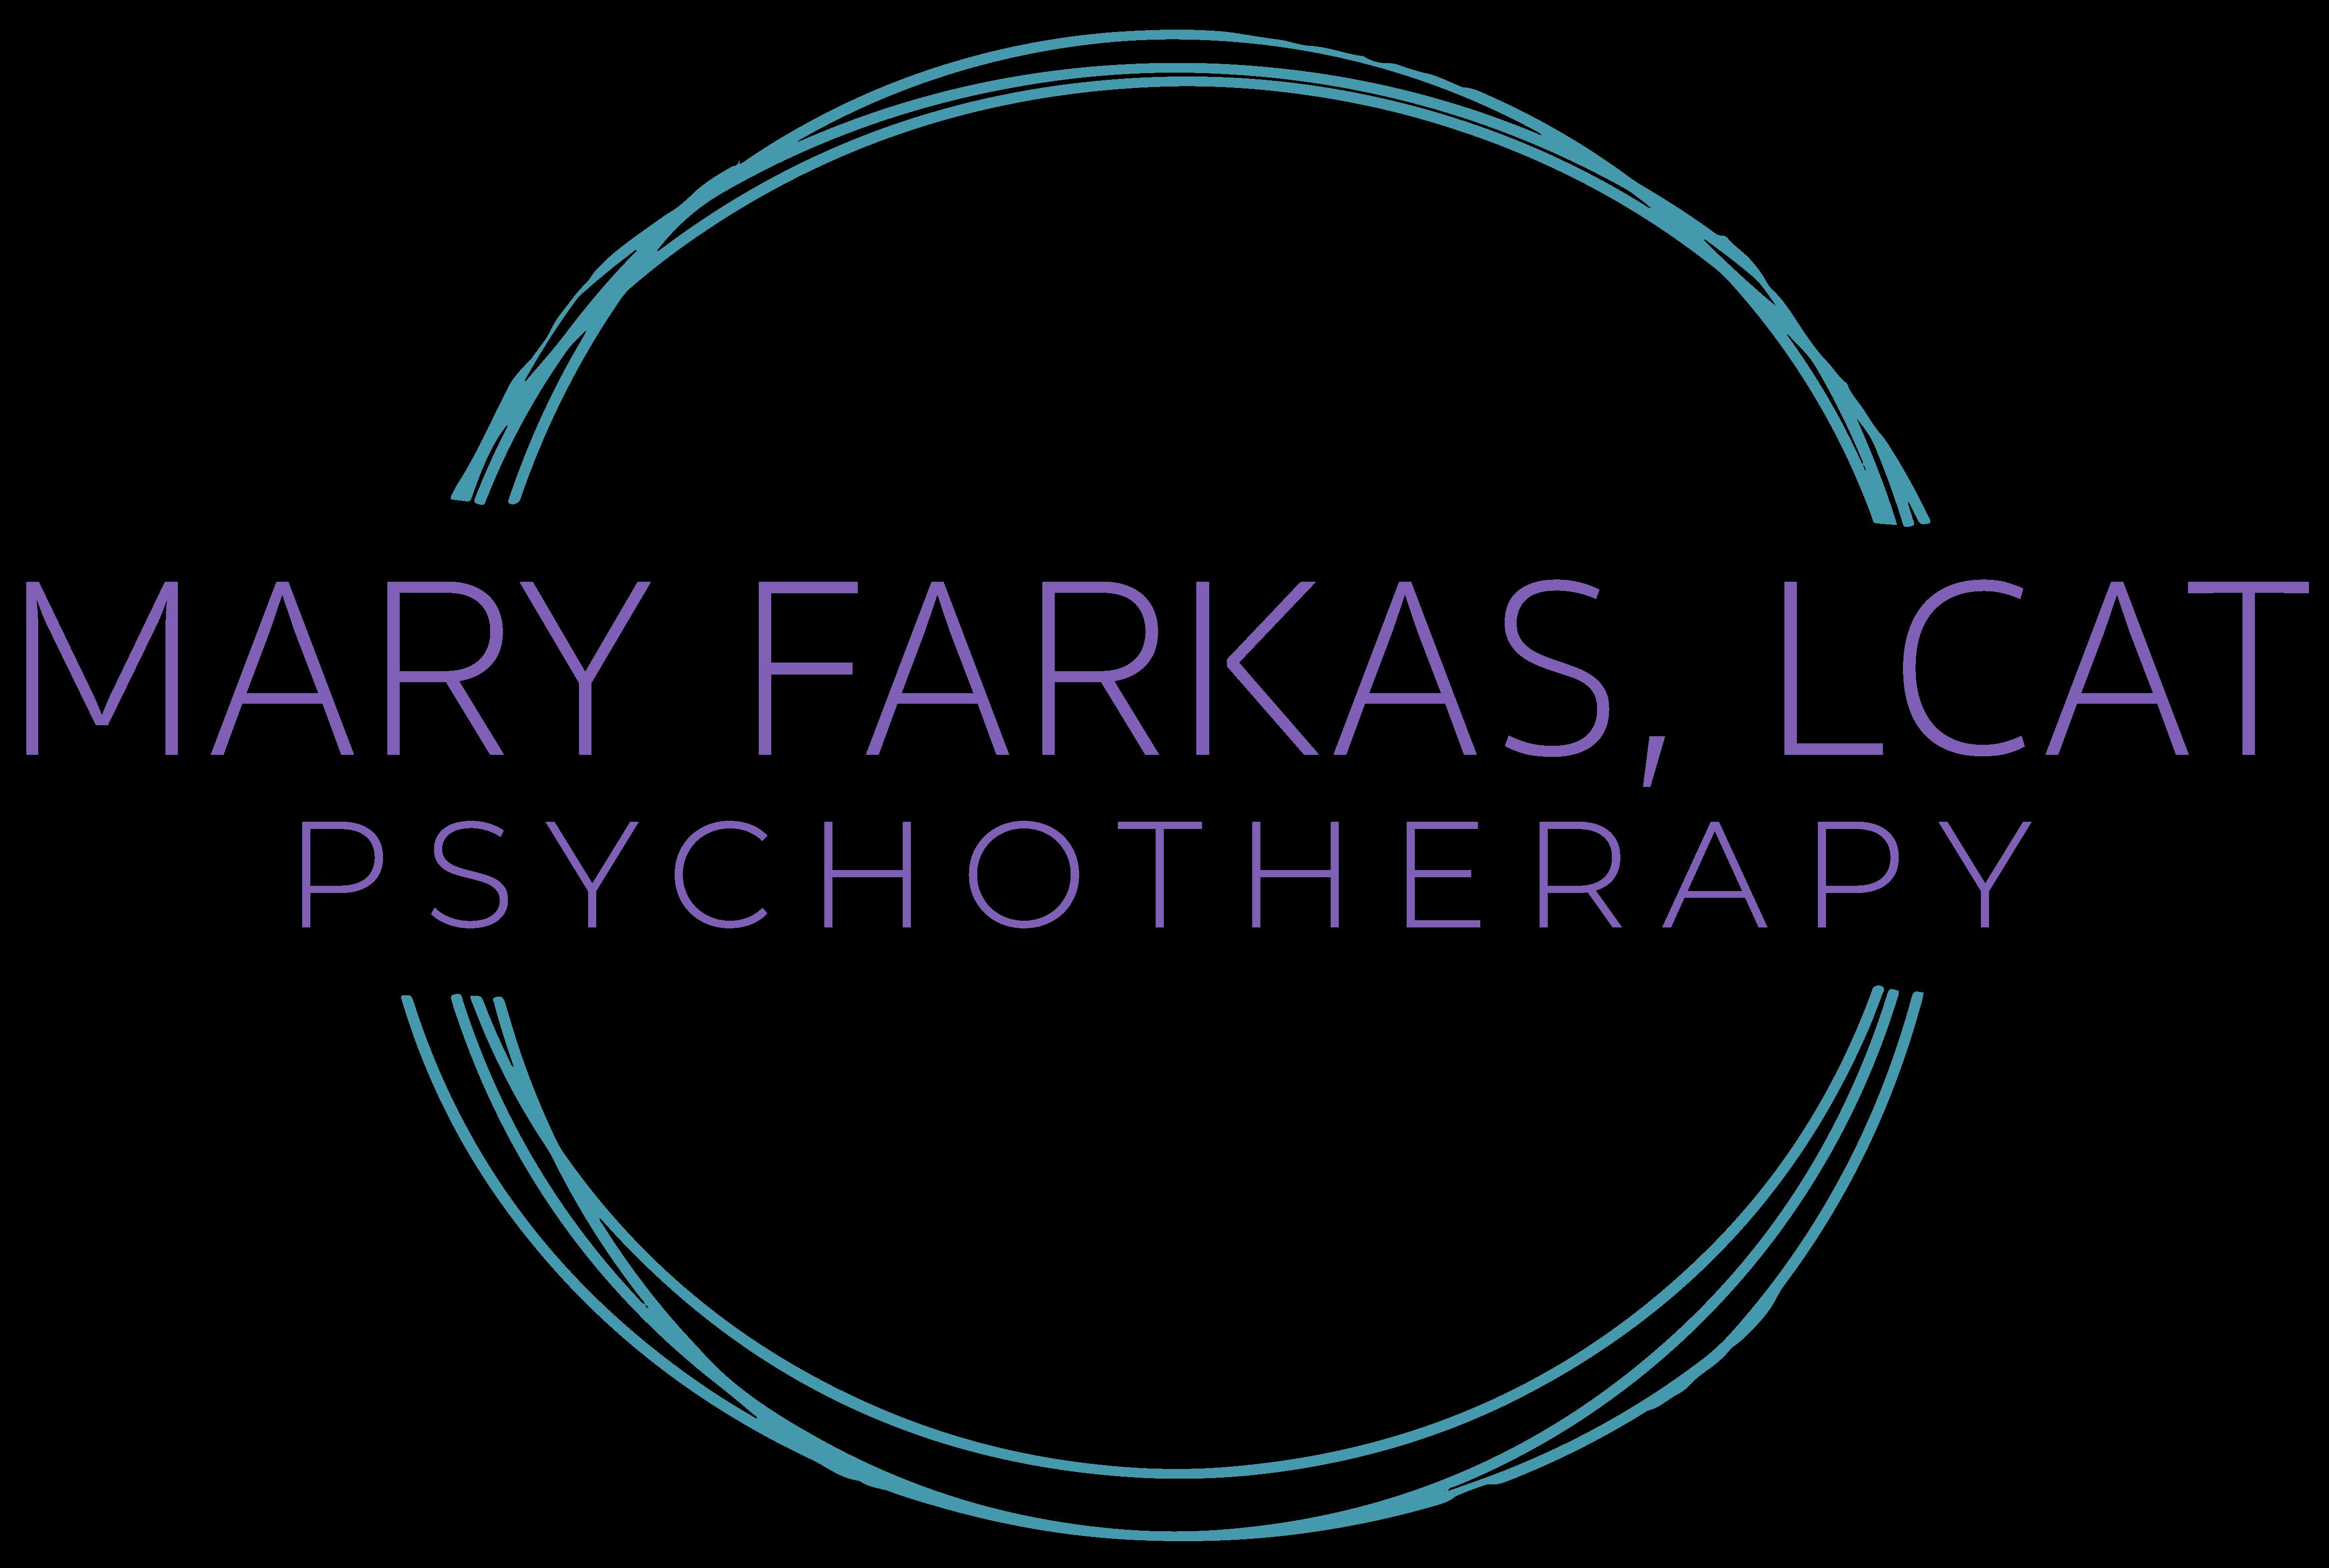 Mary Farkas, LCAT